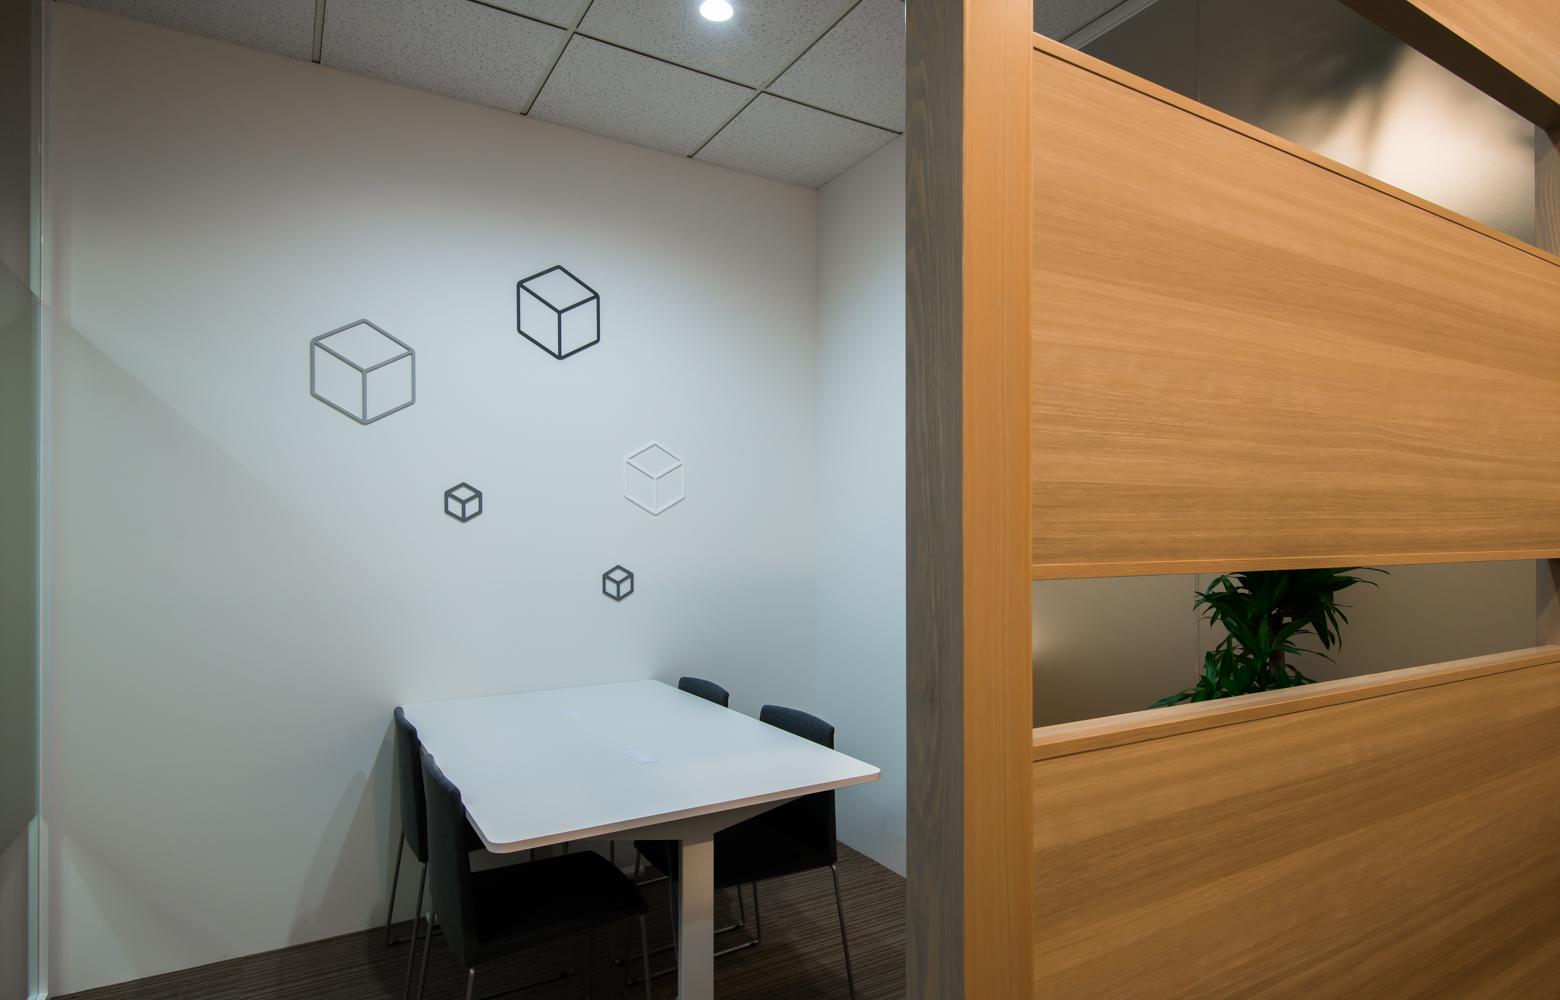 株式会社パック・エックス Meeting Space デザイン・レイアウト事例